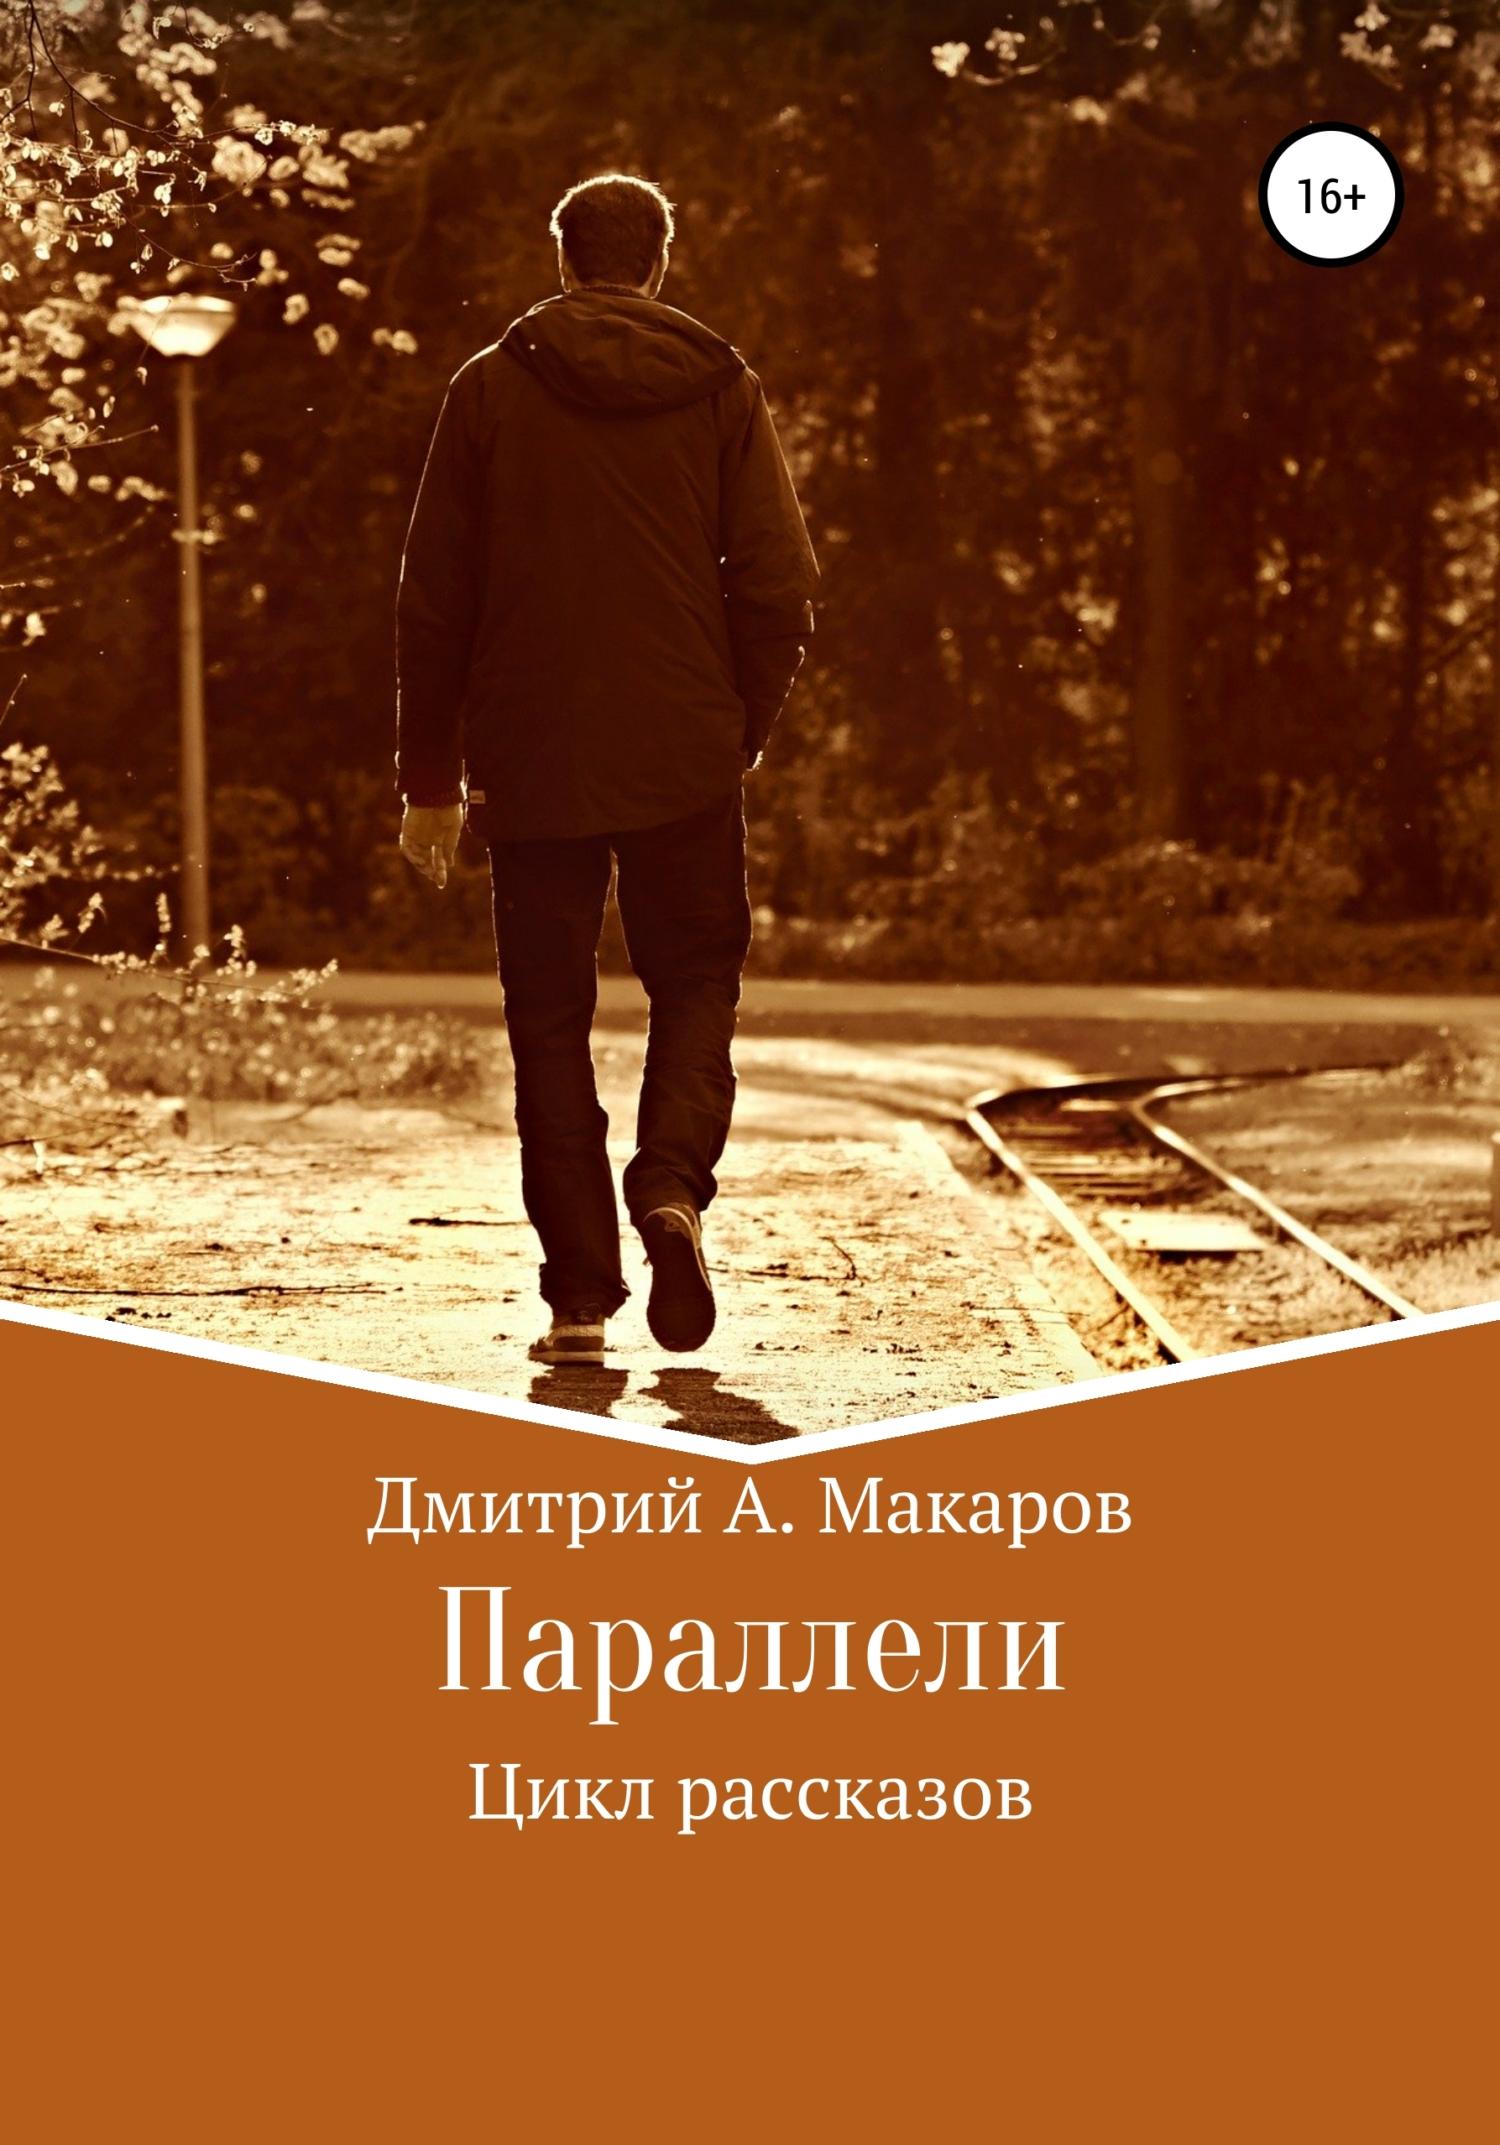 Купить книгу Параллели. Цикл рассказов, автора Дмитрия А. Макарова